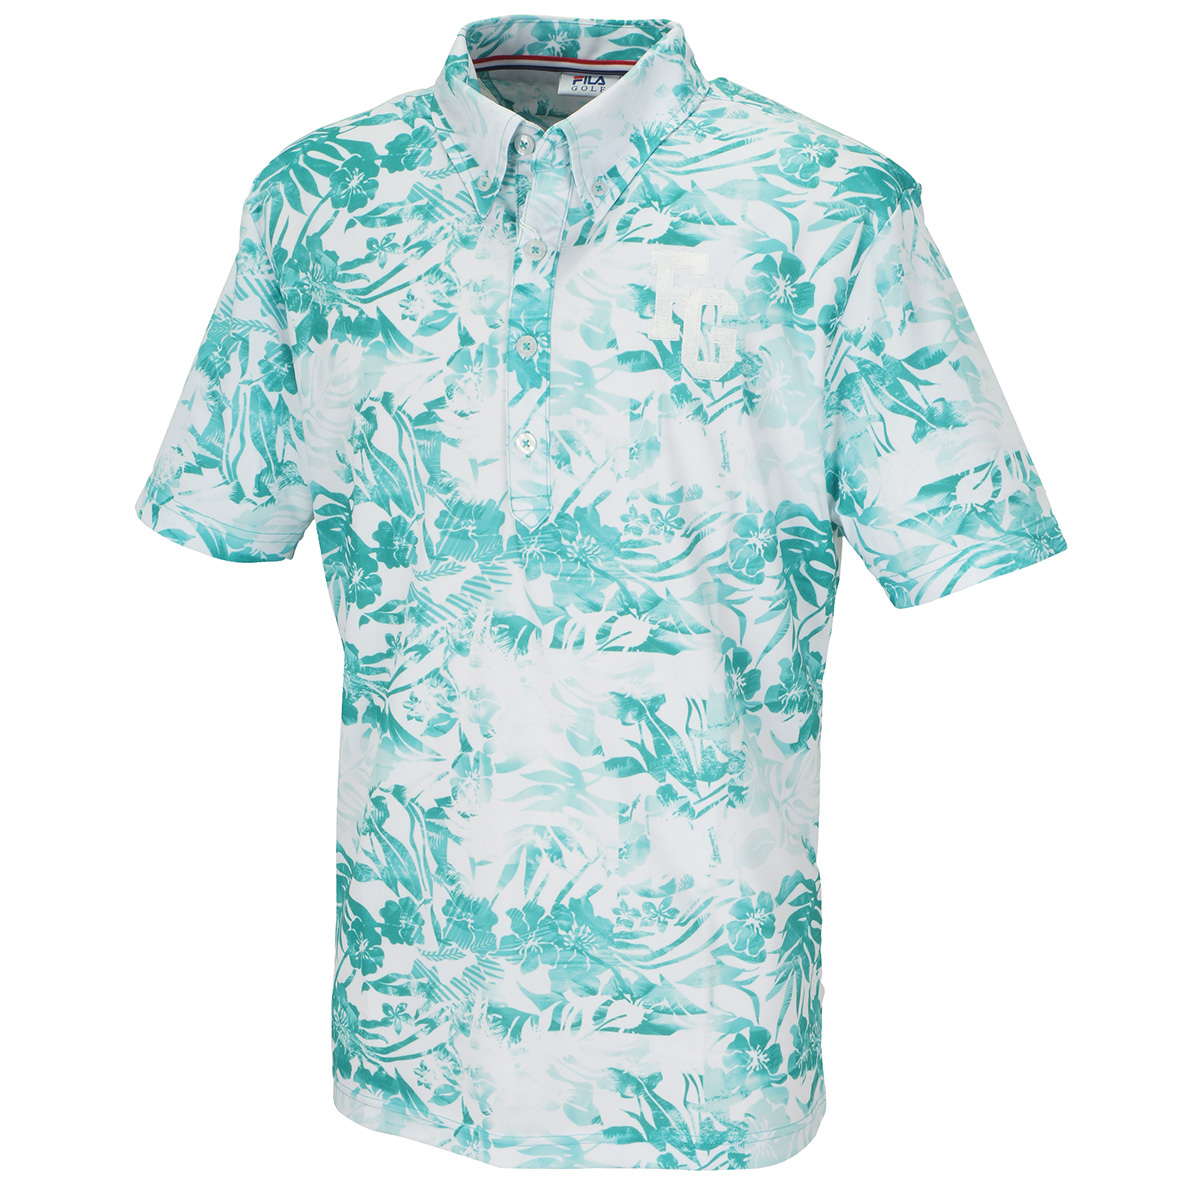 アロハ柄半袖ボタンダウンポロシャツ